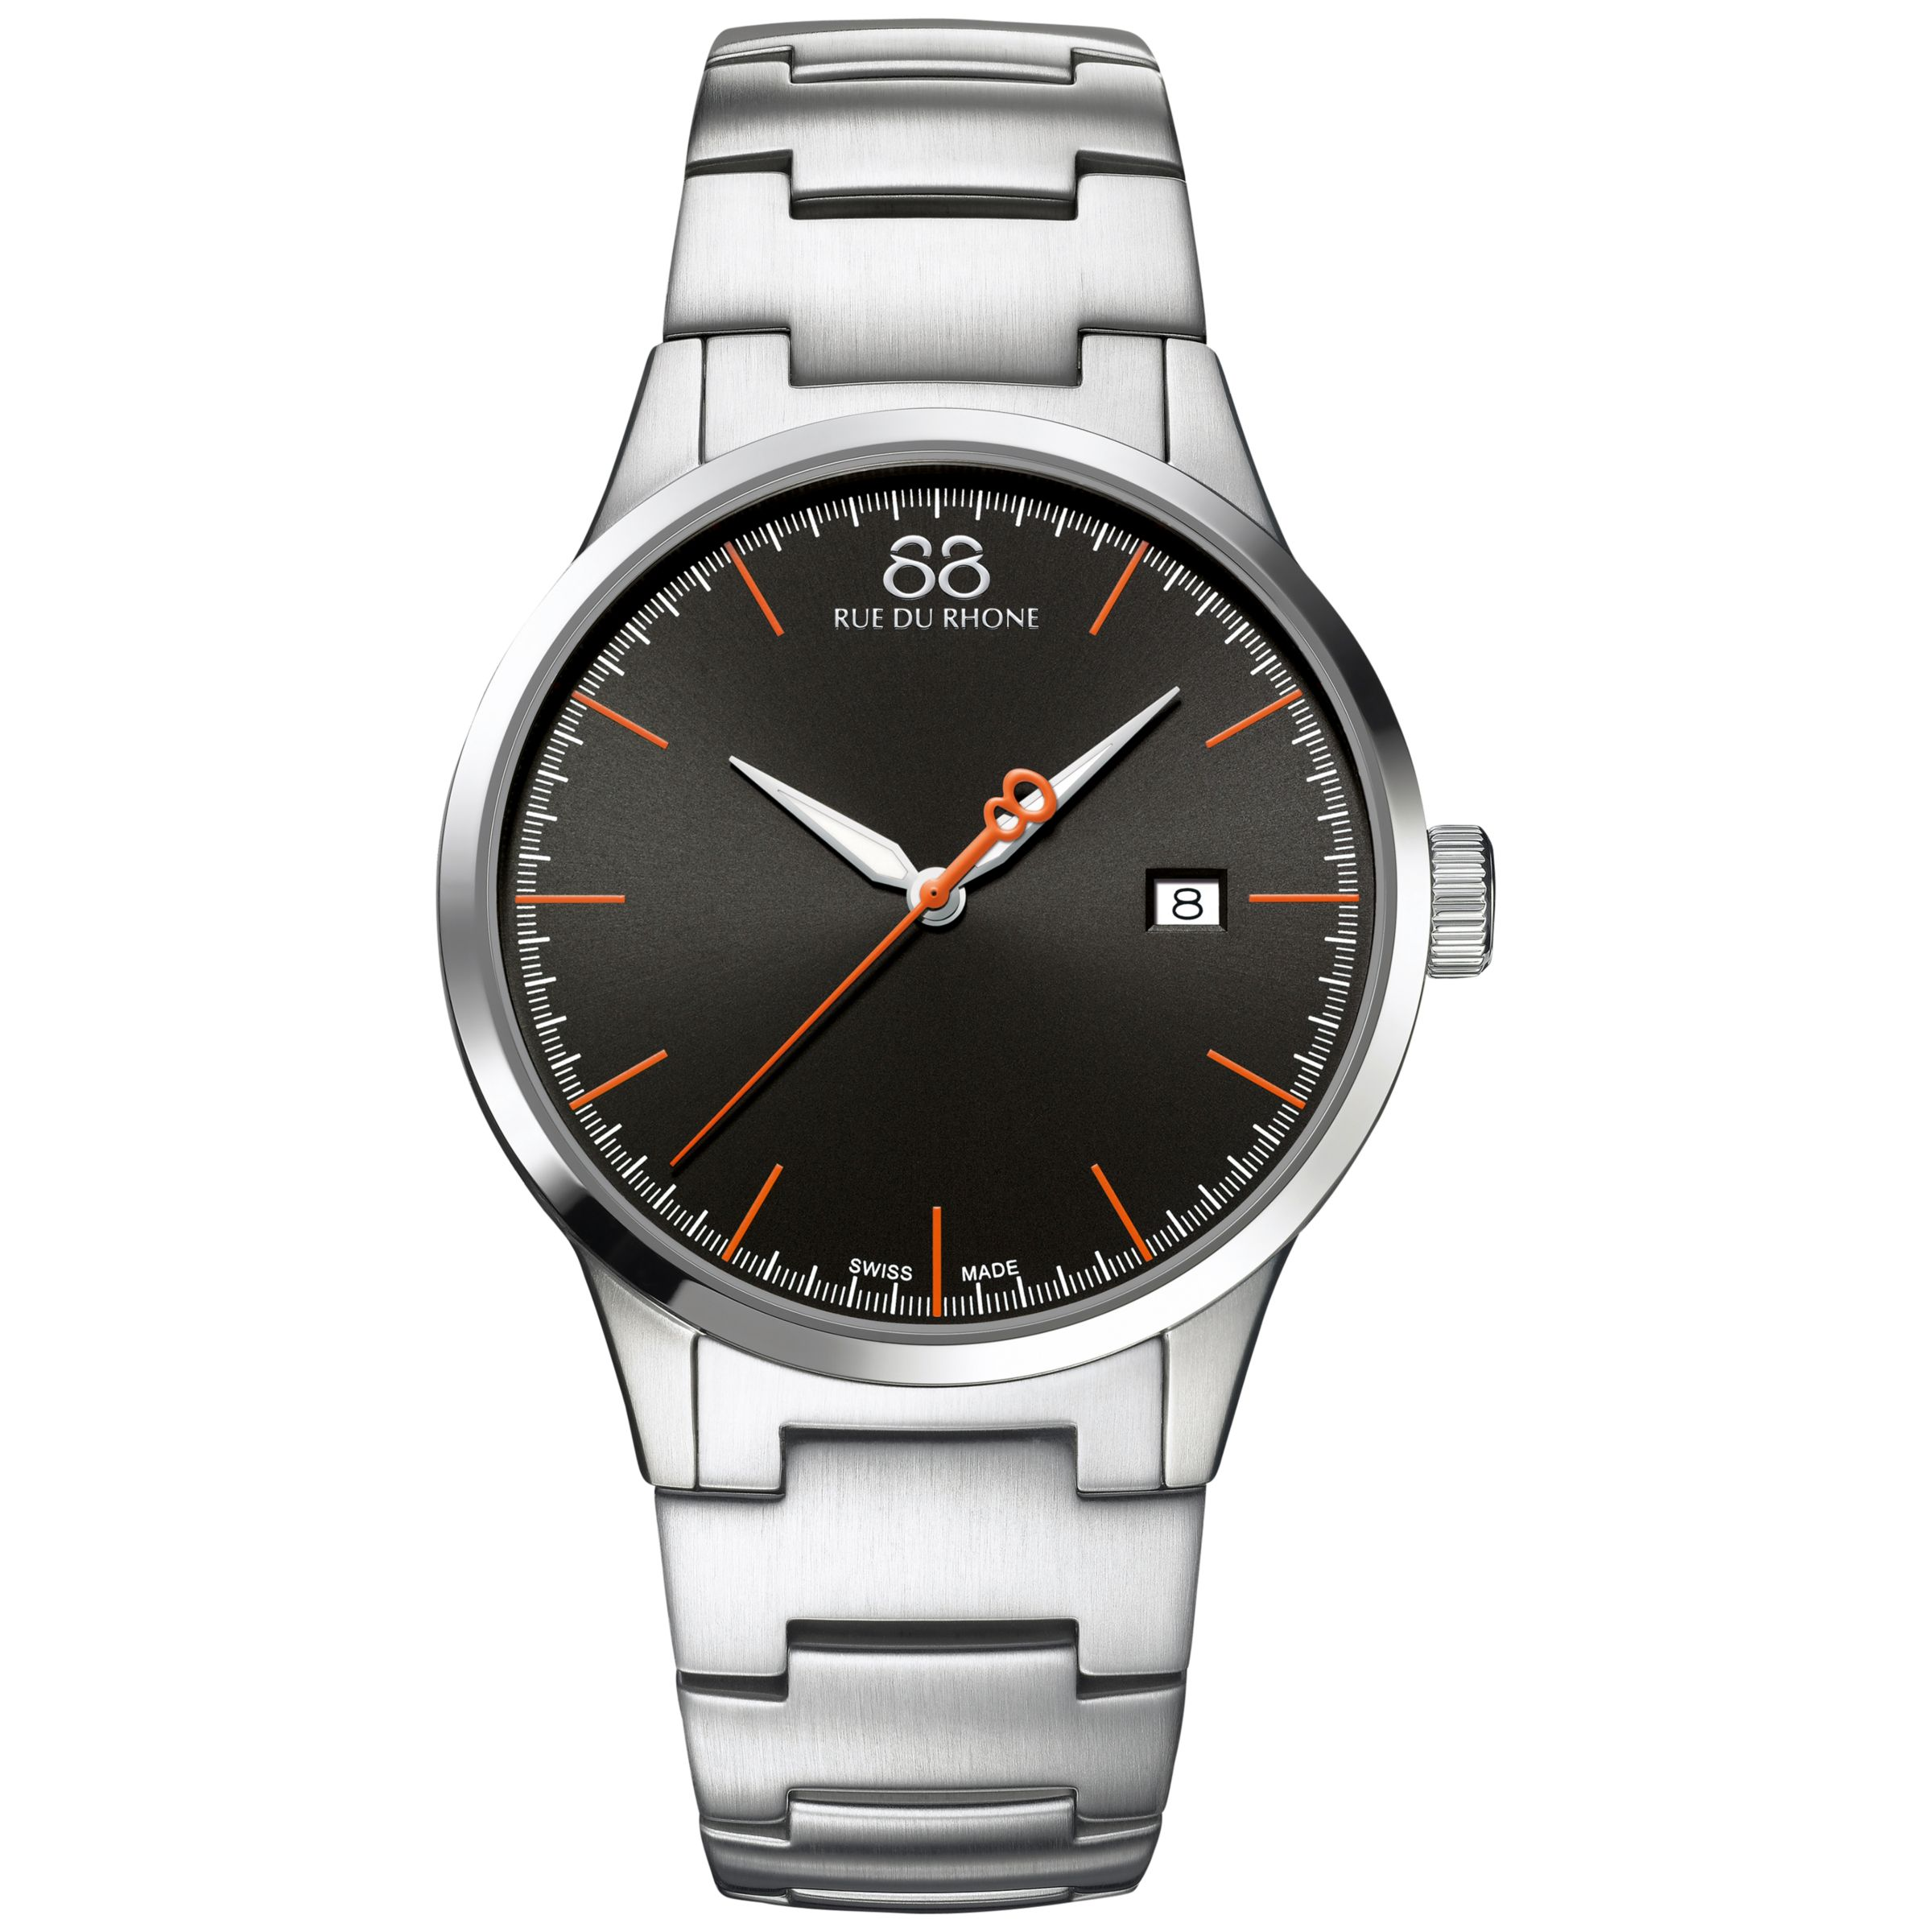 88 Rue Du Rhone 88 Rue Du Rhone 87WA154103 Men's Rive Stainless Steel Bracelet Strap Watch, Silver/Black